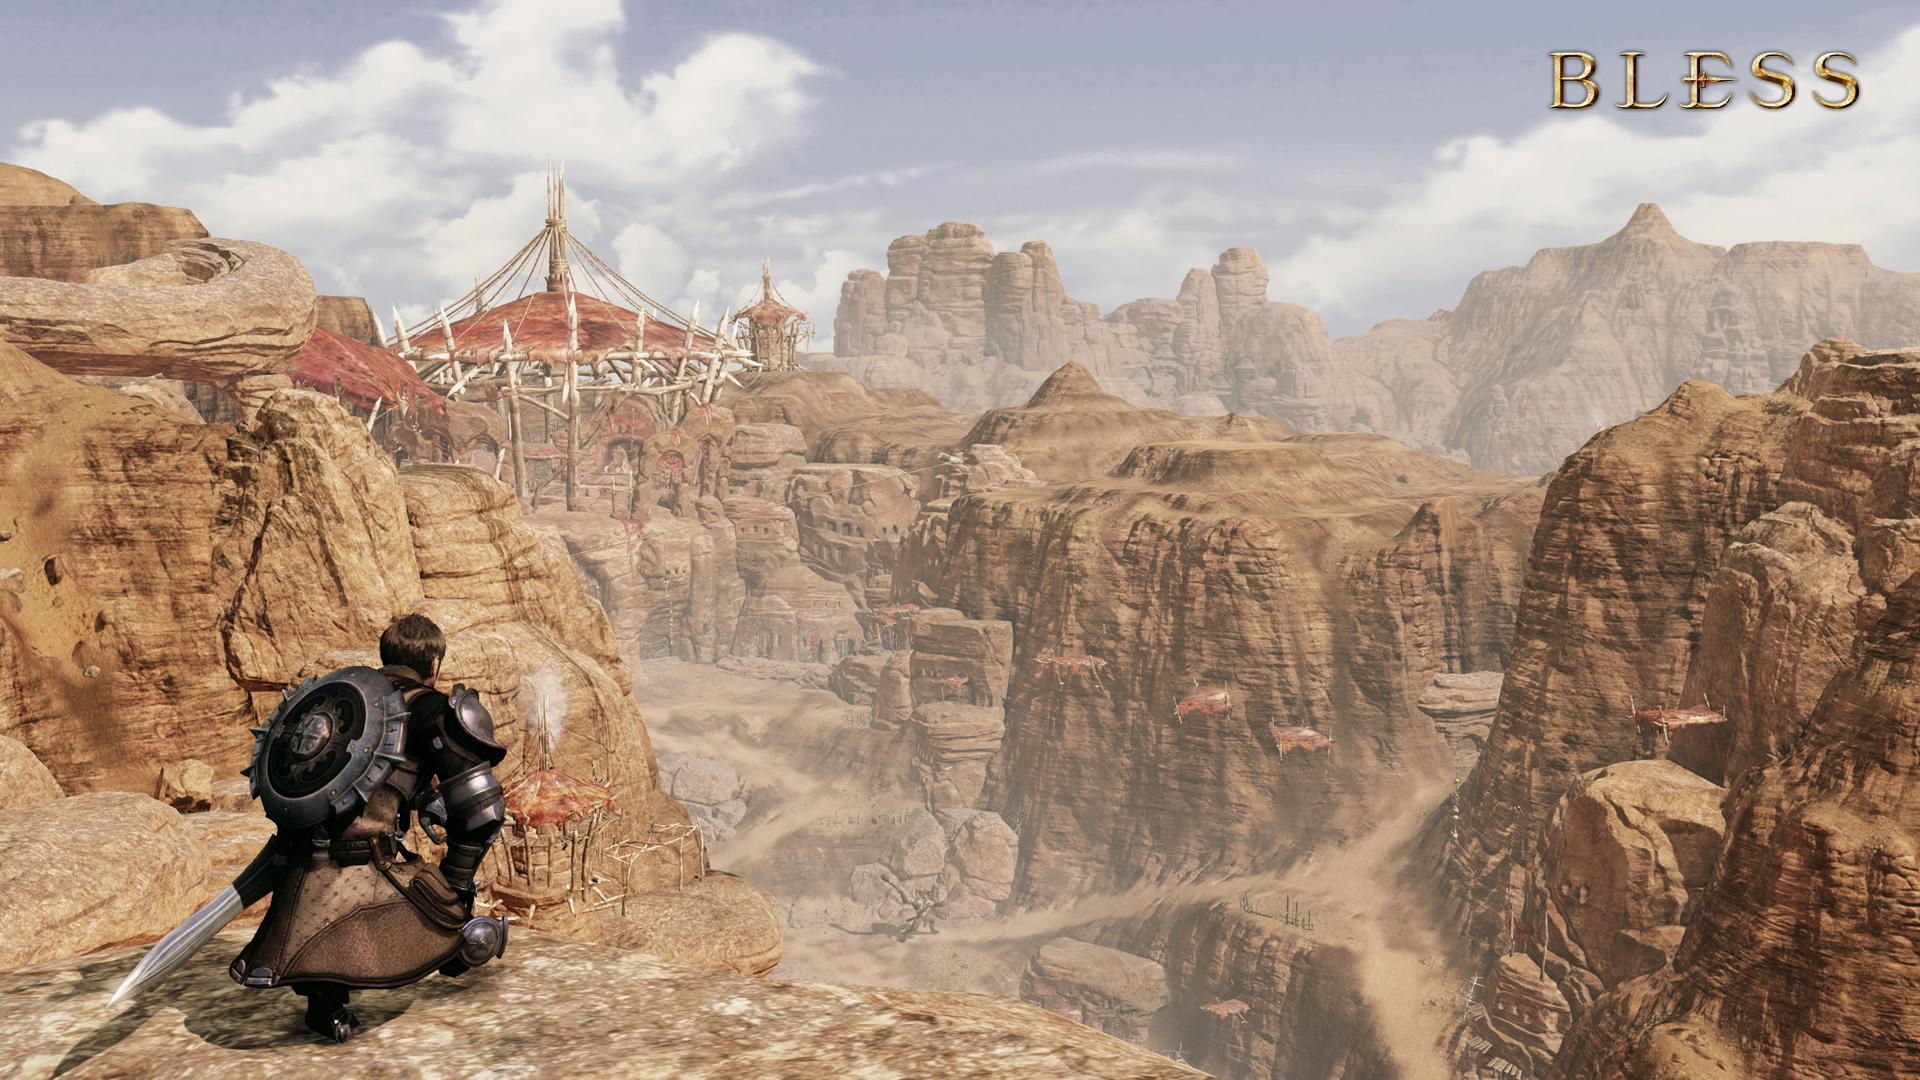 Разработка MMORPG Bless вышла на этап полировки базового контента